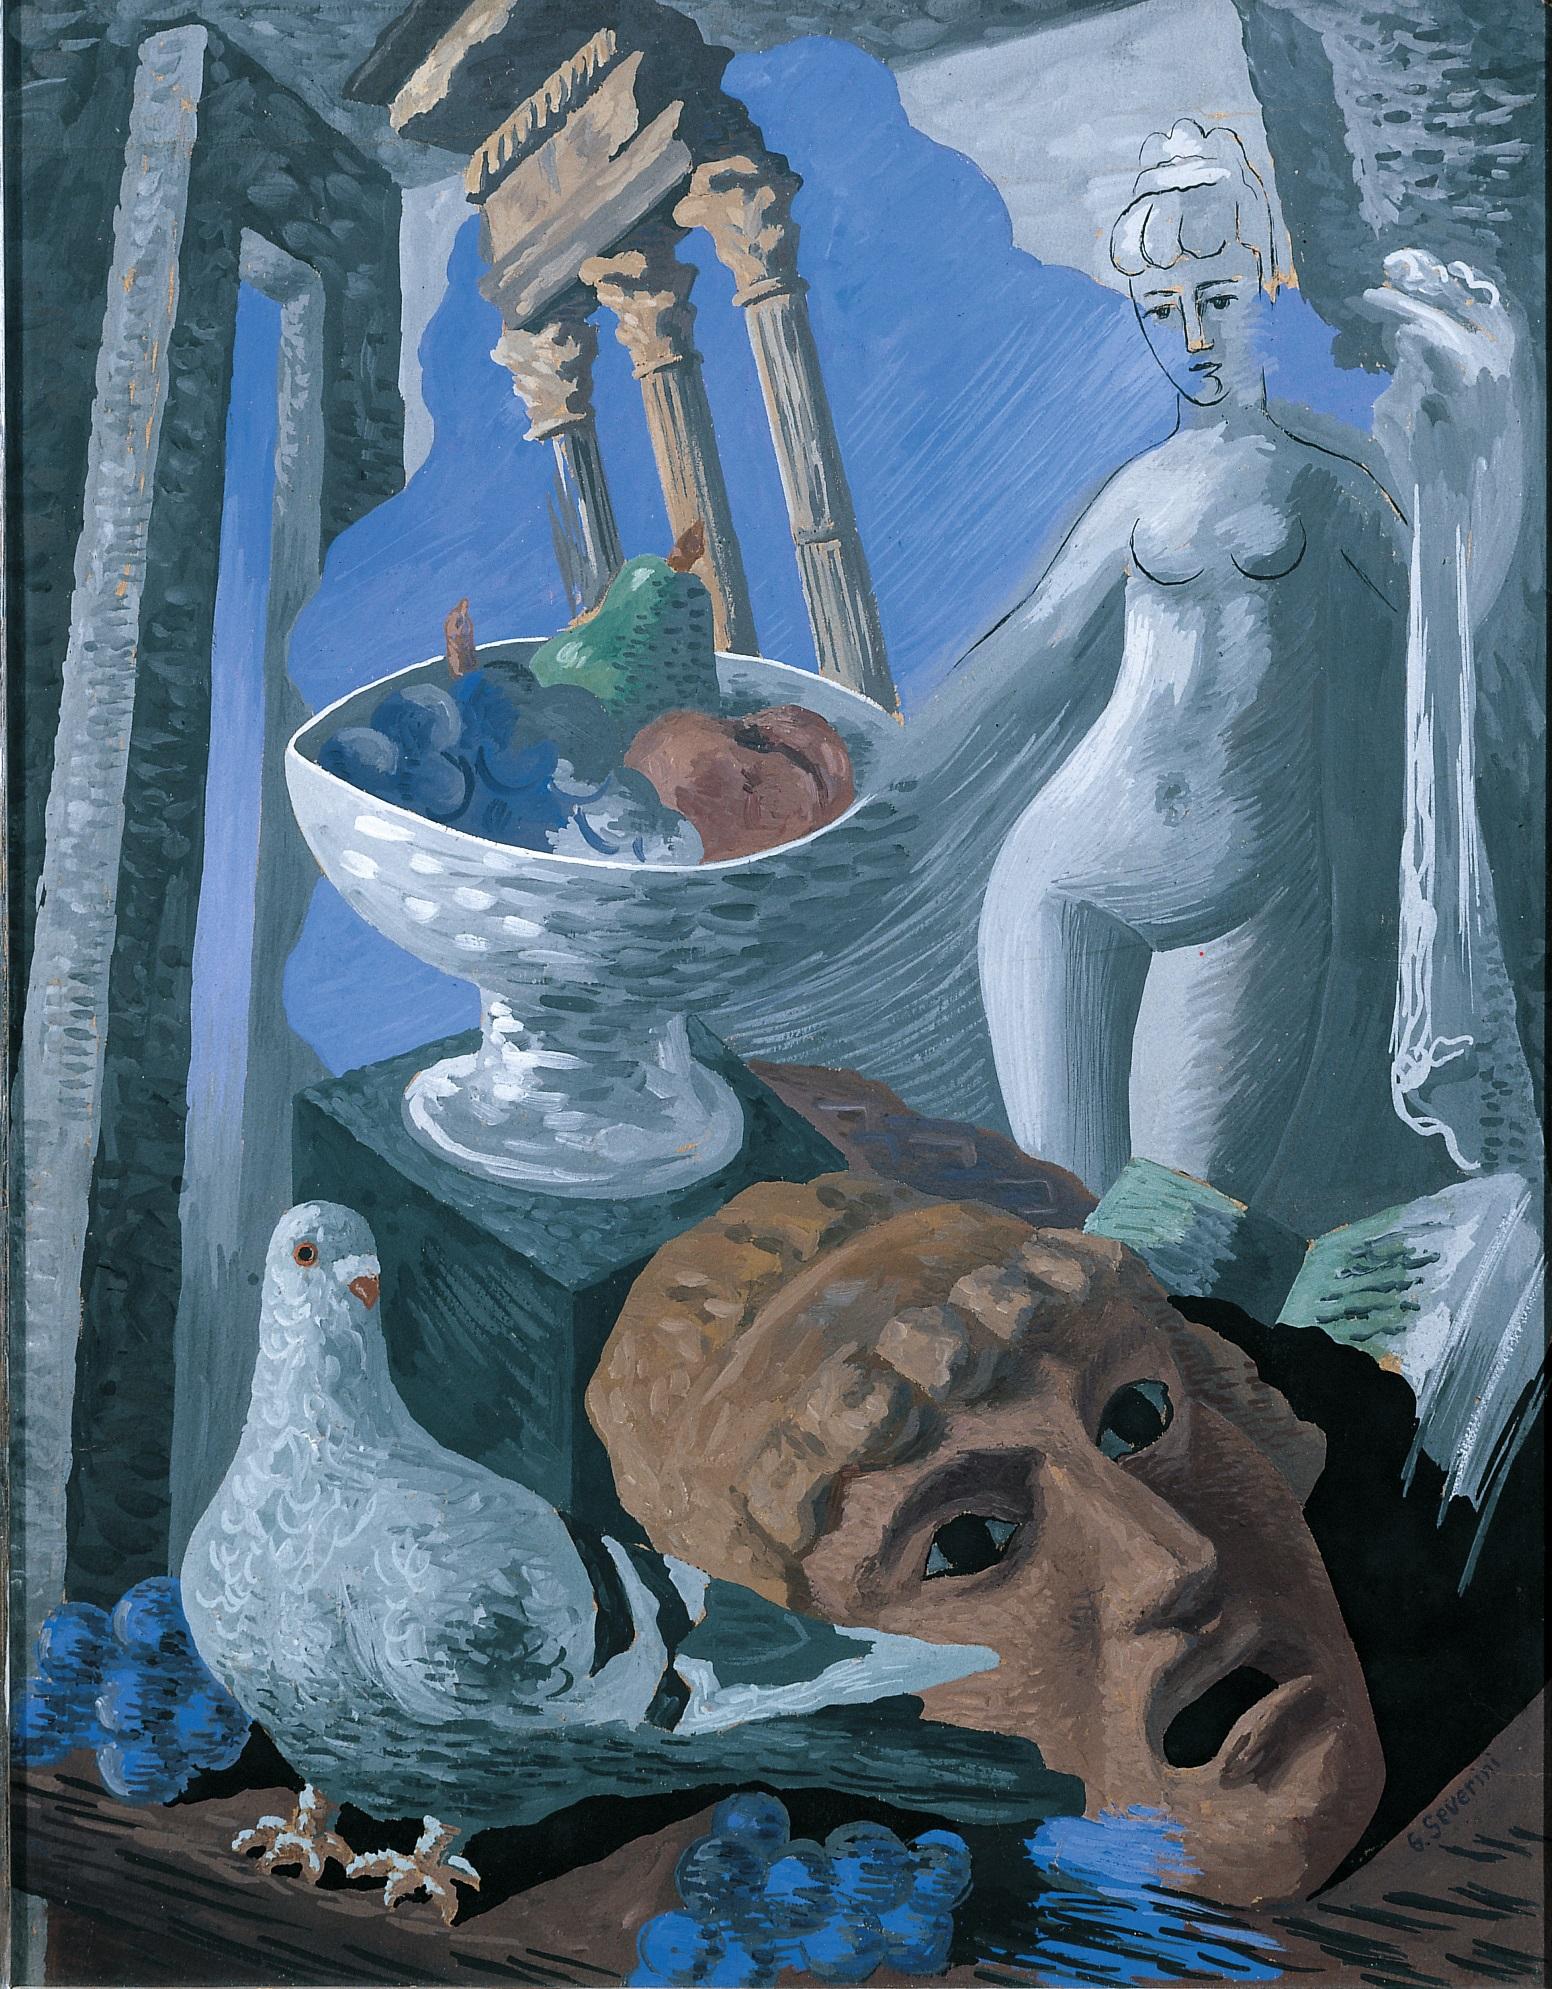 Severini, Natura morta con ruderi, piccione e statua, 1931 tempera su cartoncino, cm. 65x50